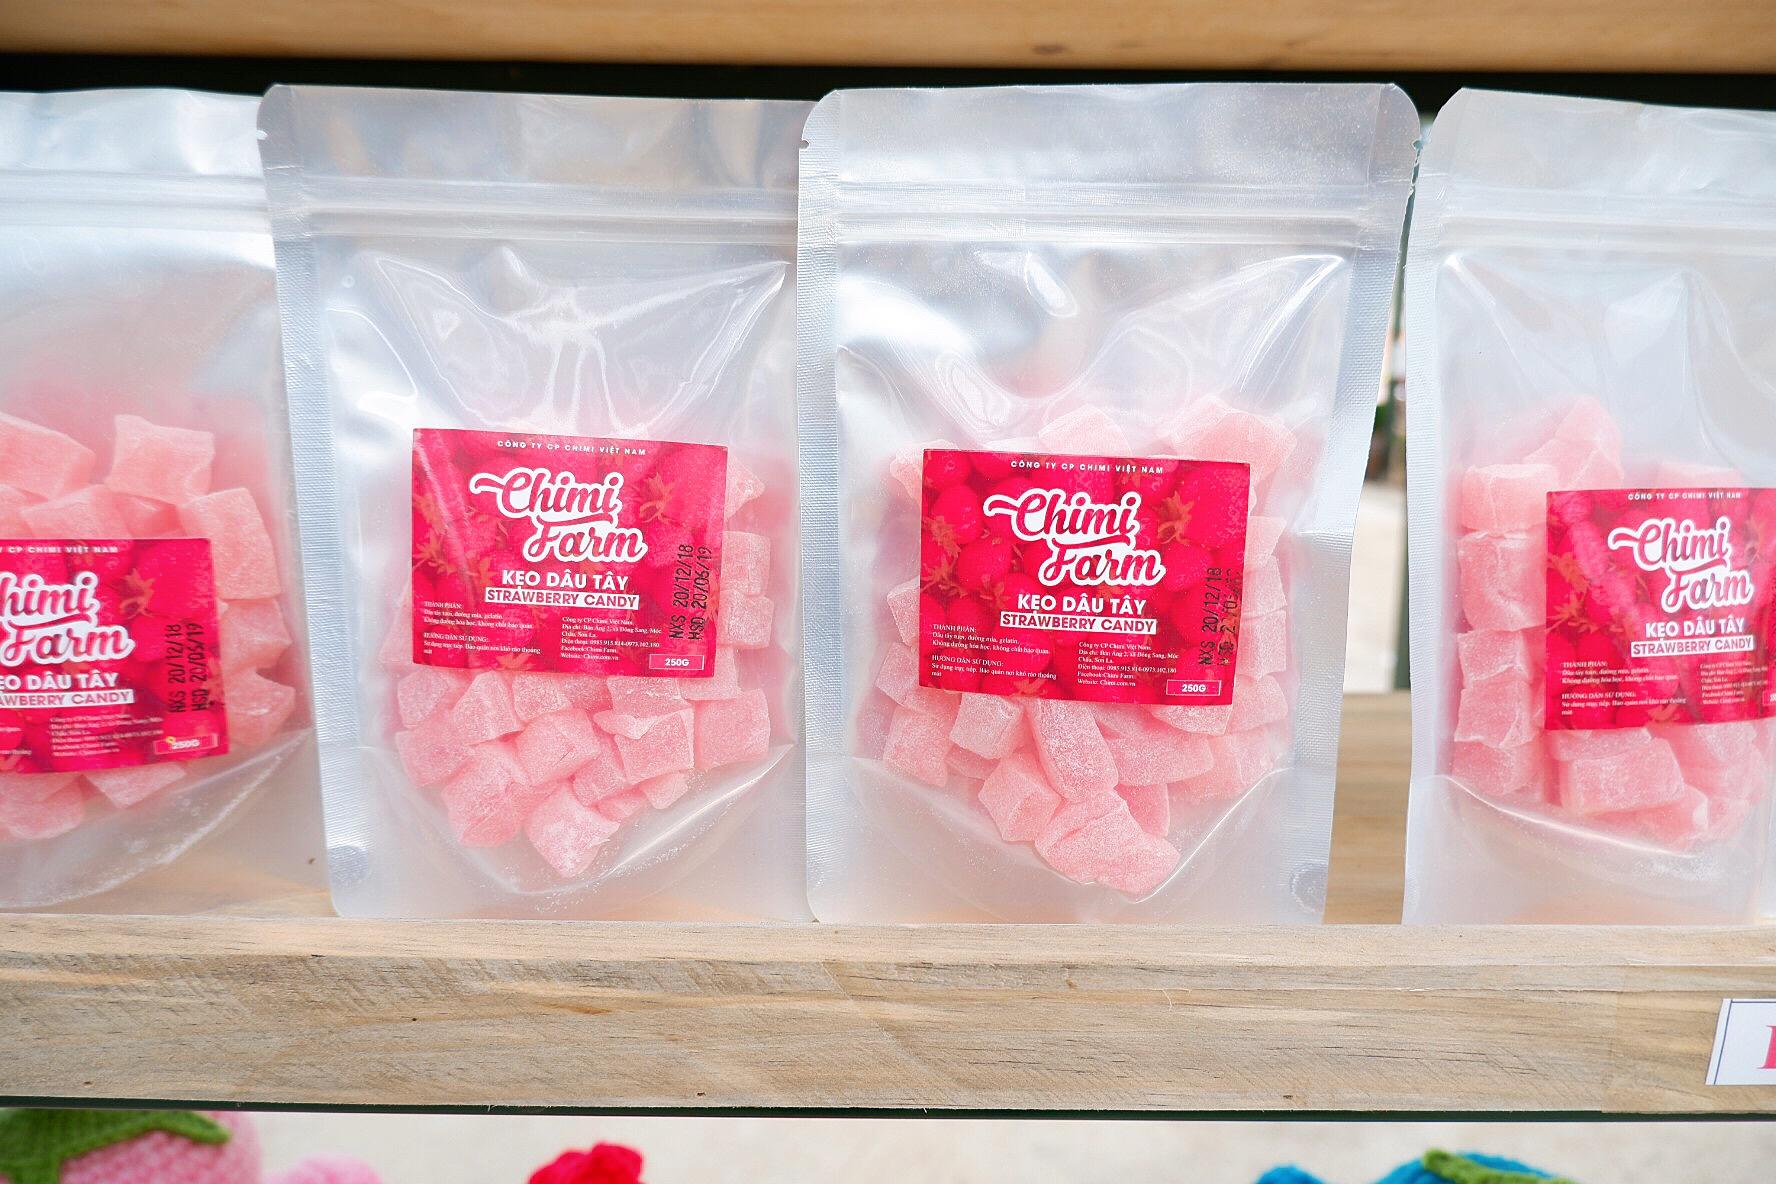 Kẹo dẻo dâu tây